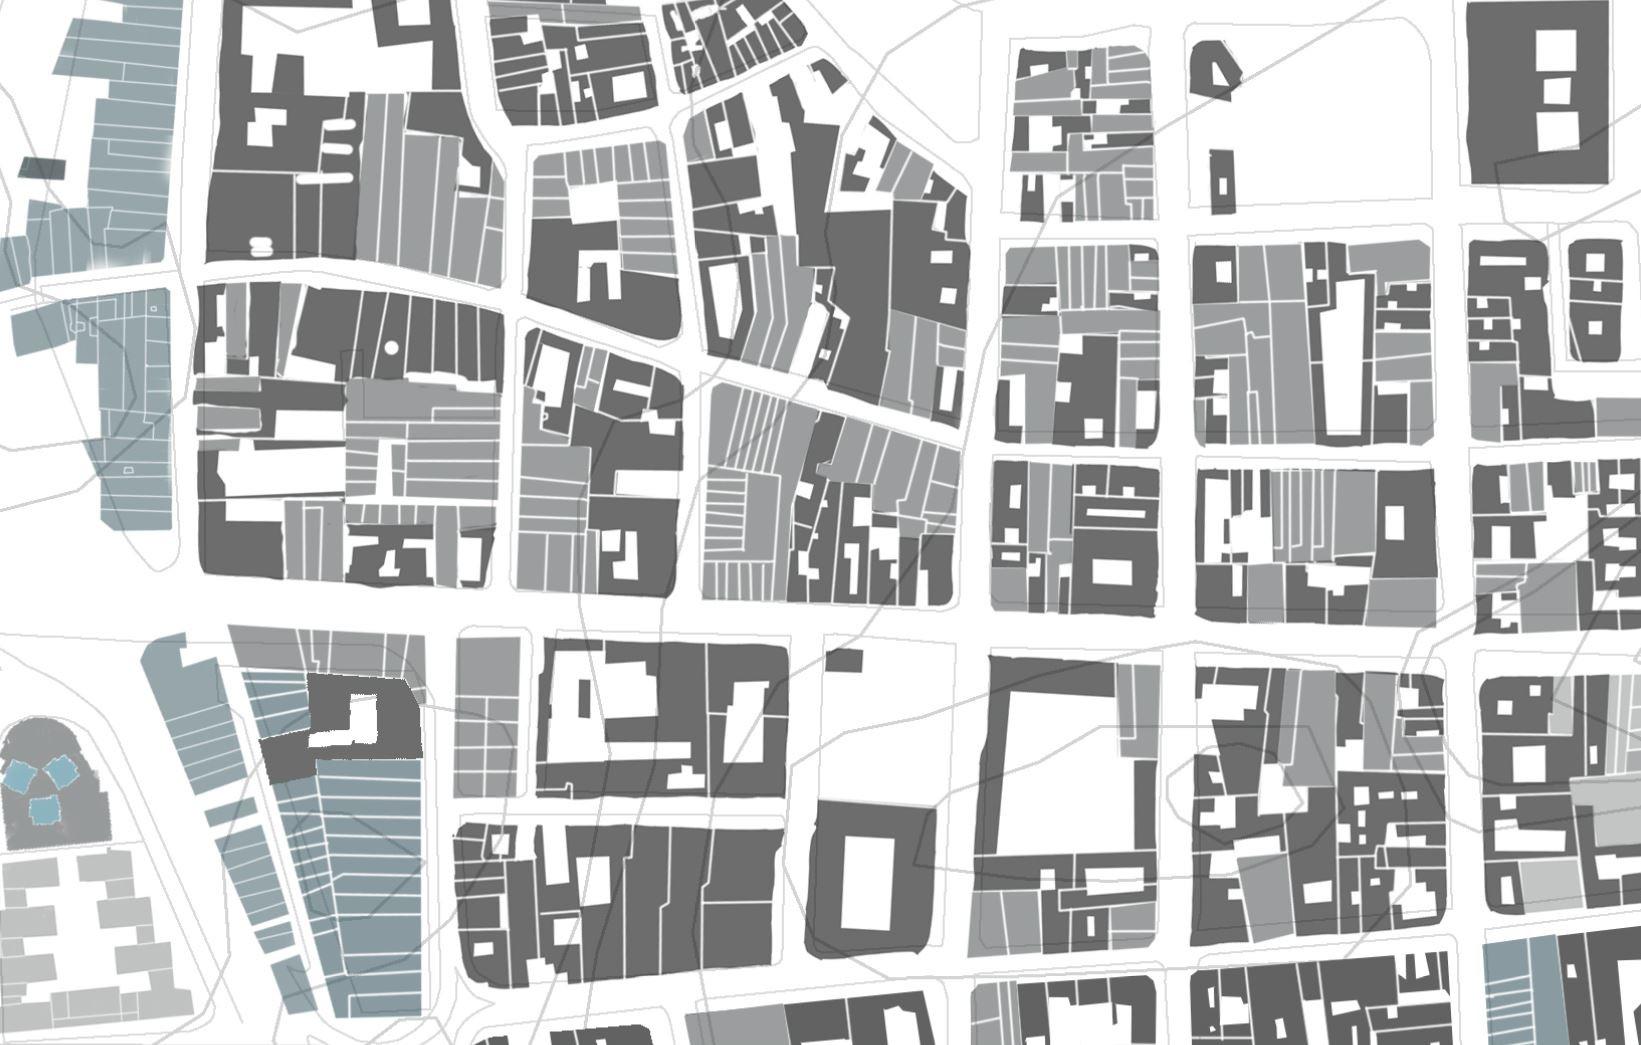 Planeamento urbanístico – abril 2021